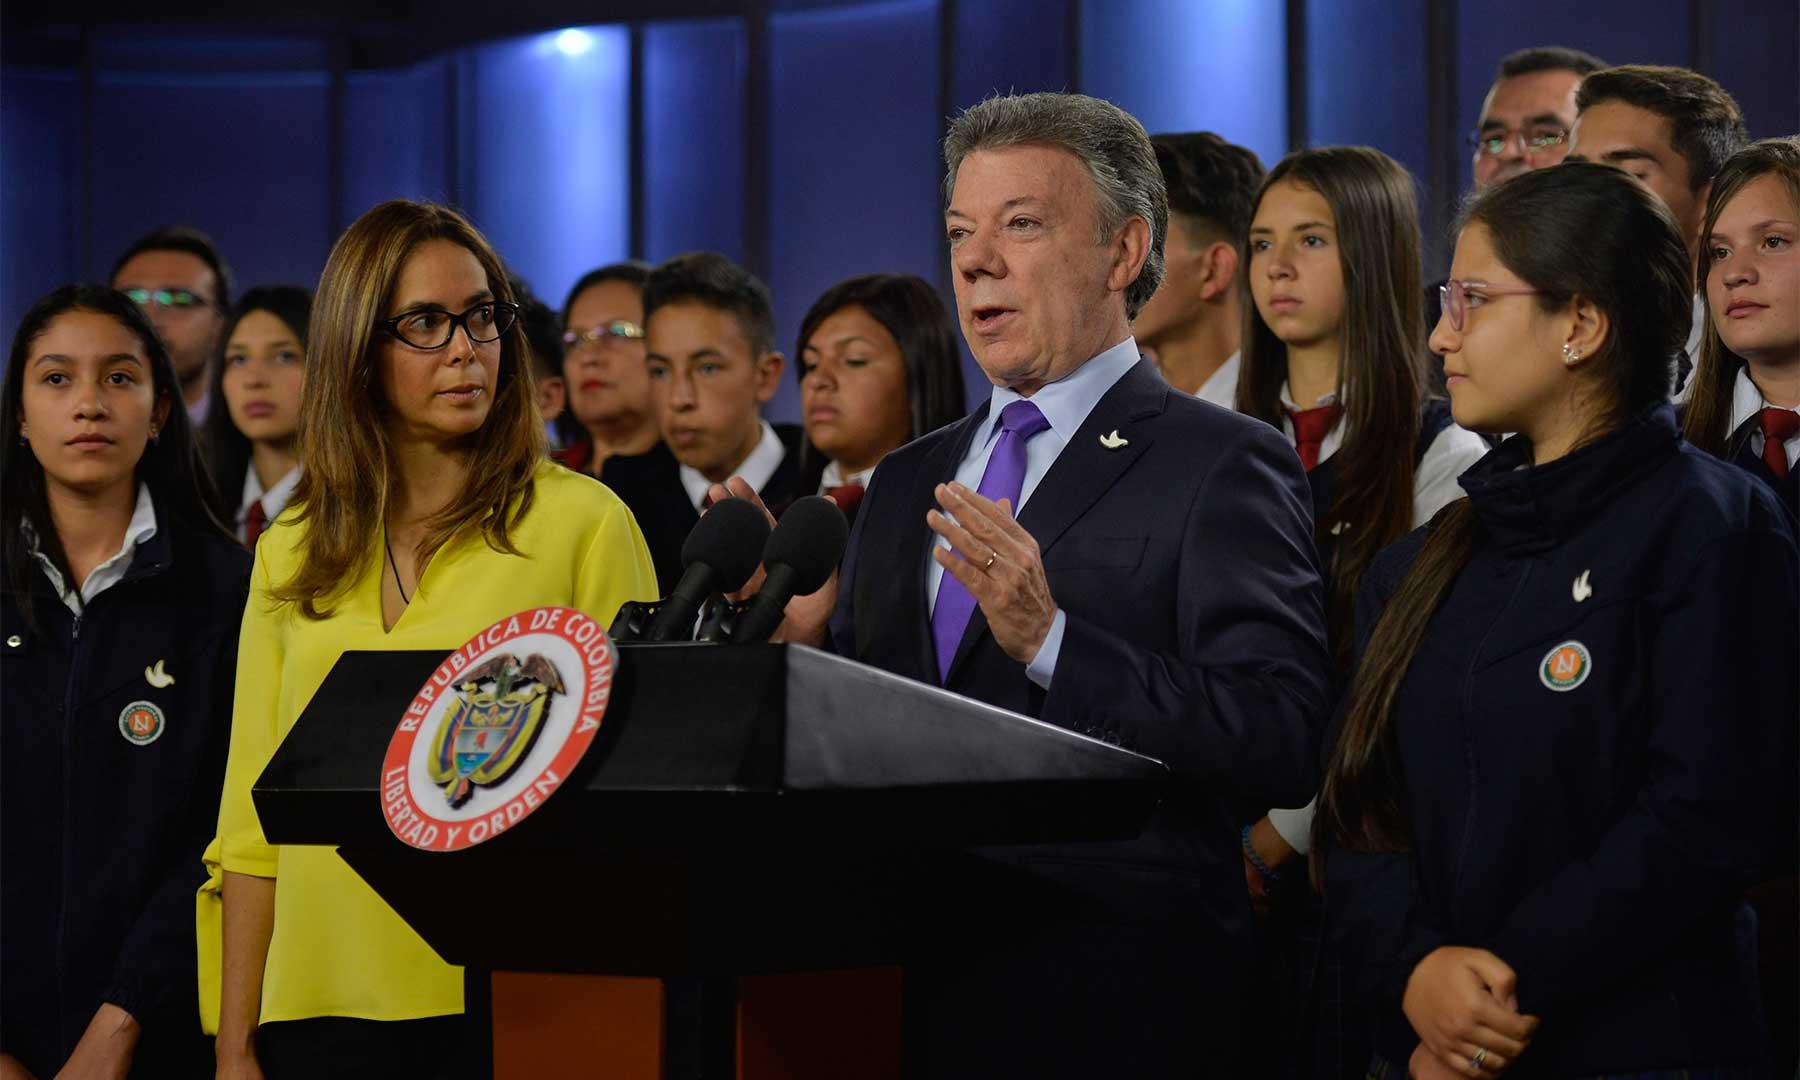 """""""El Programa Colombia Bilingüe va a ayudar muchísimo al objetivo de ser el país mejor educado en América Latina en el 2025"""", dijo el Presidente Santos a estudiantes que irán a los Campos de Inmersión en inglés."""